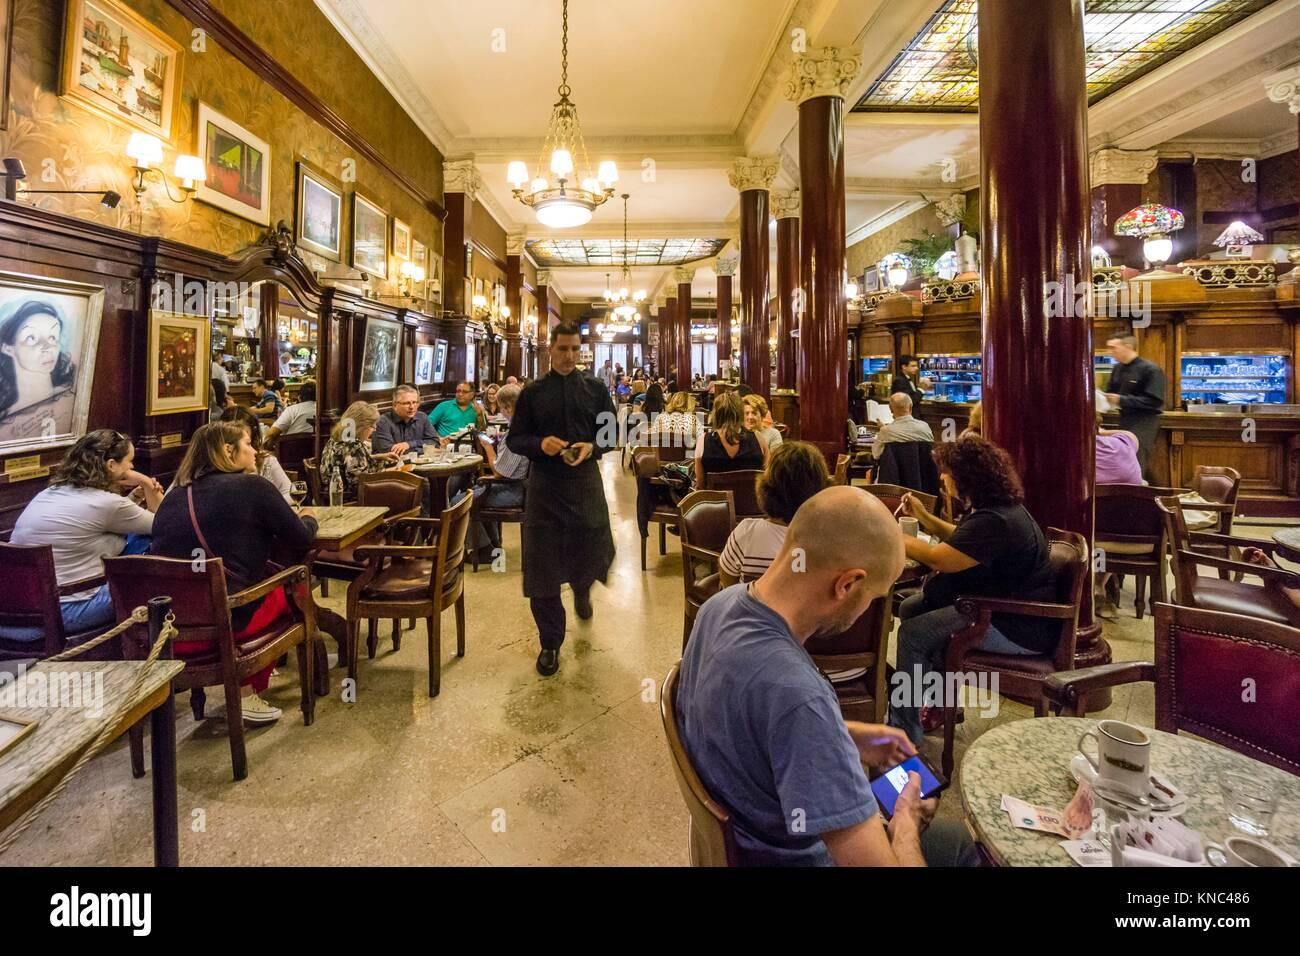 Café Tortoni, 825 de la Avenida de Mayo,Buenos Aires, Argentina - Stock Image